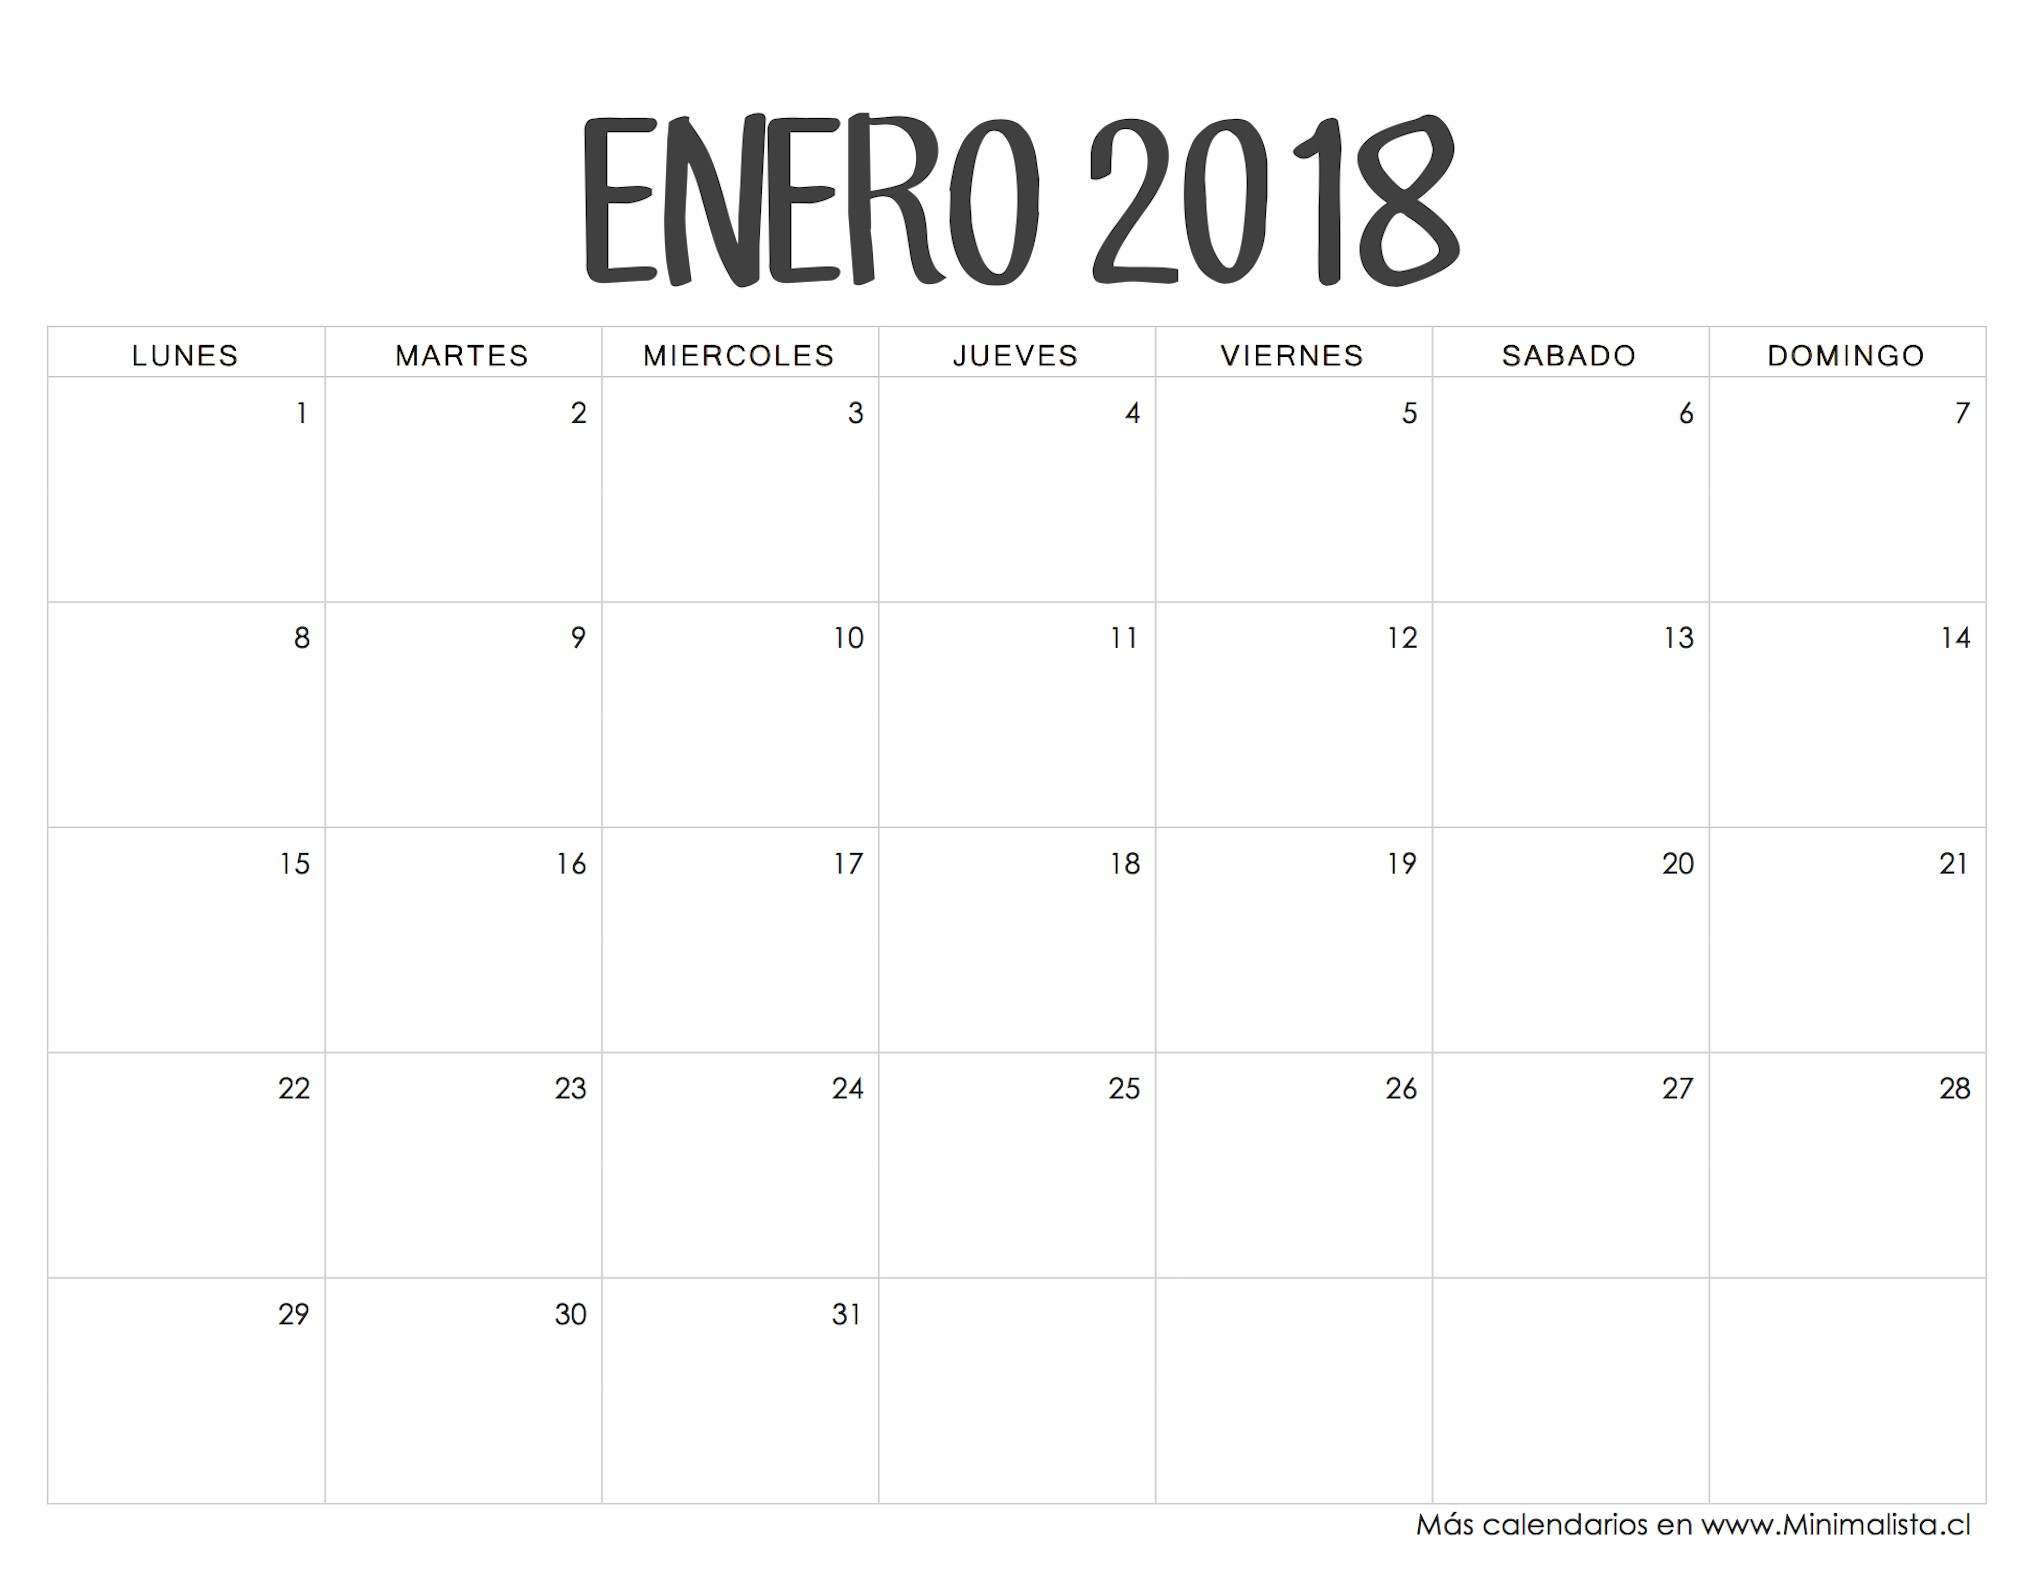 Calendario 2019 Argentina Para Imprimir Marzo Más Recientes Calendarios 2018 Para Imprimir – Minimalista Of Calendario 2019 Argentina Para Imprimir Marzo Más Arriba-a-fecha Calendario Octubre 2018 Cal2018 Pinterest